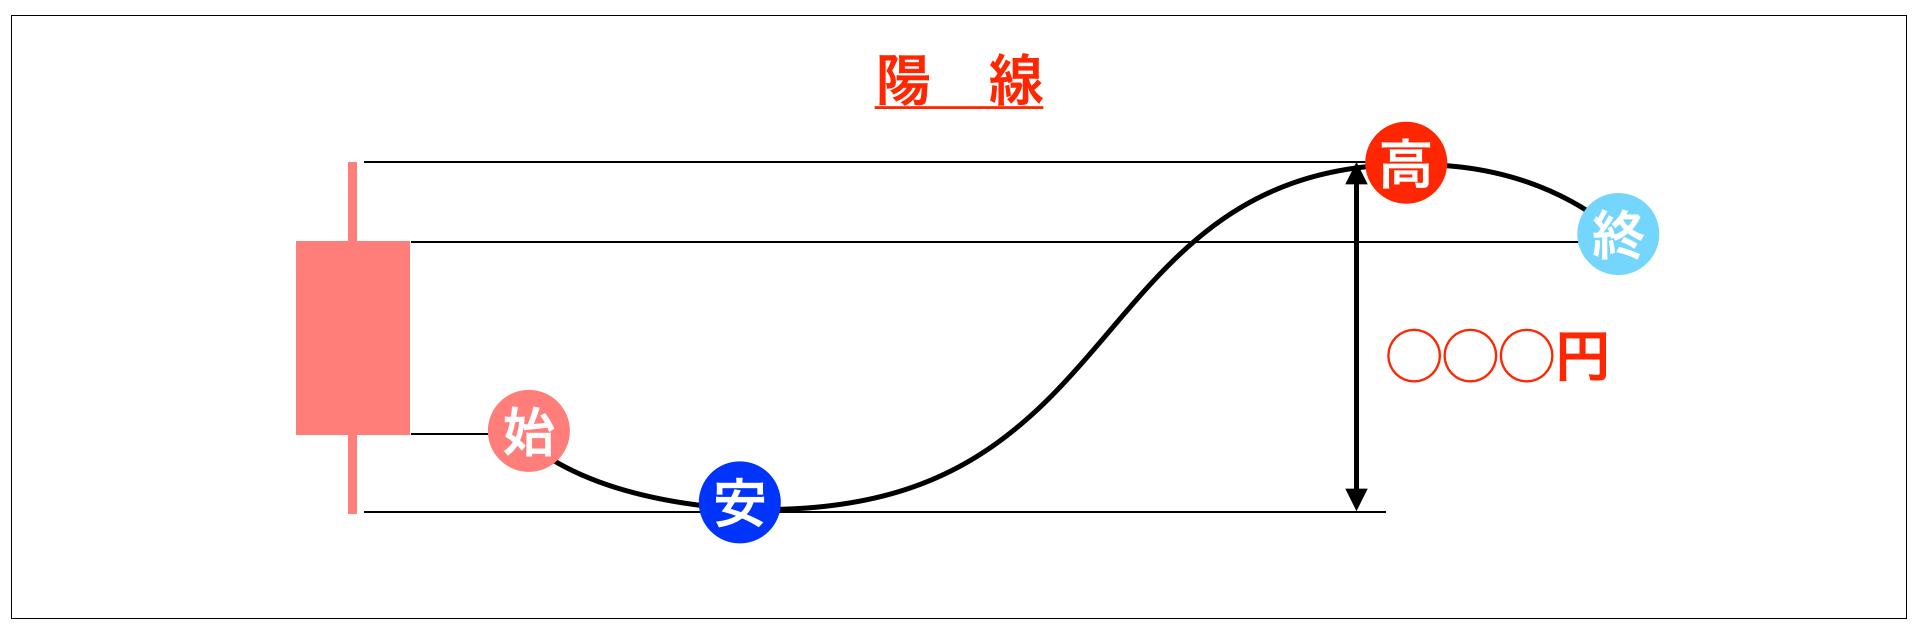 陽線の変動幅